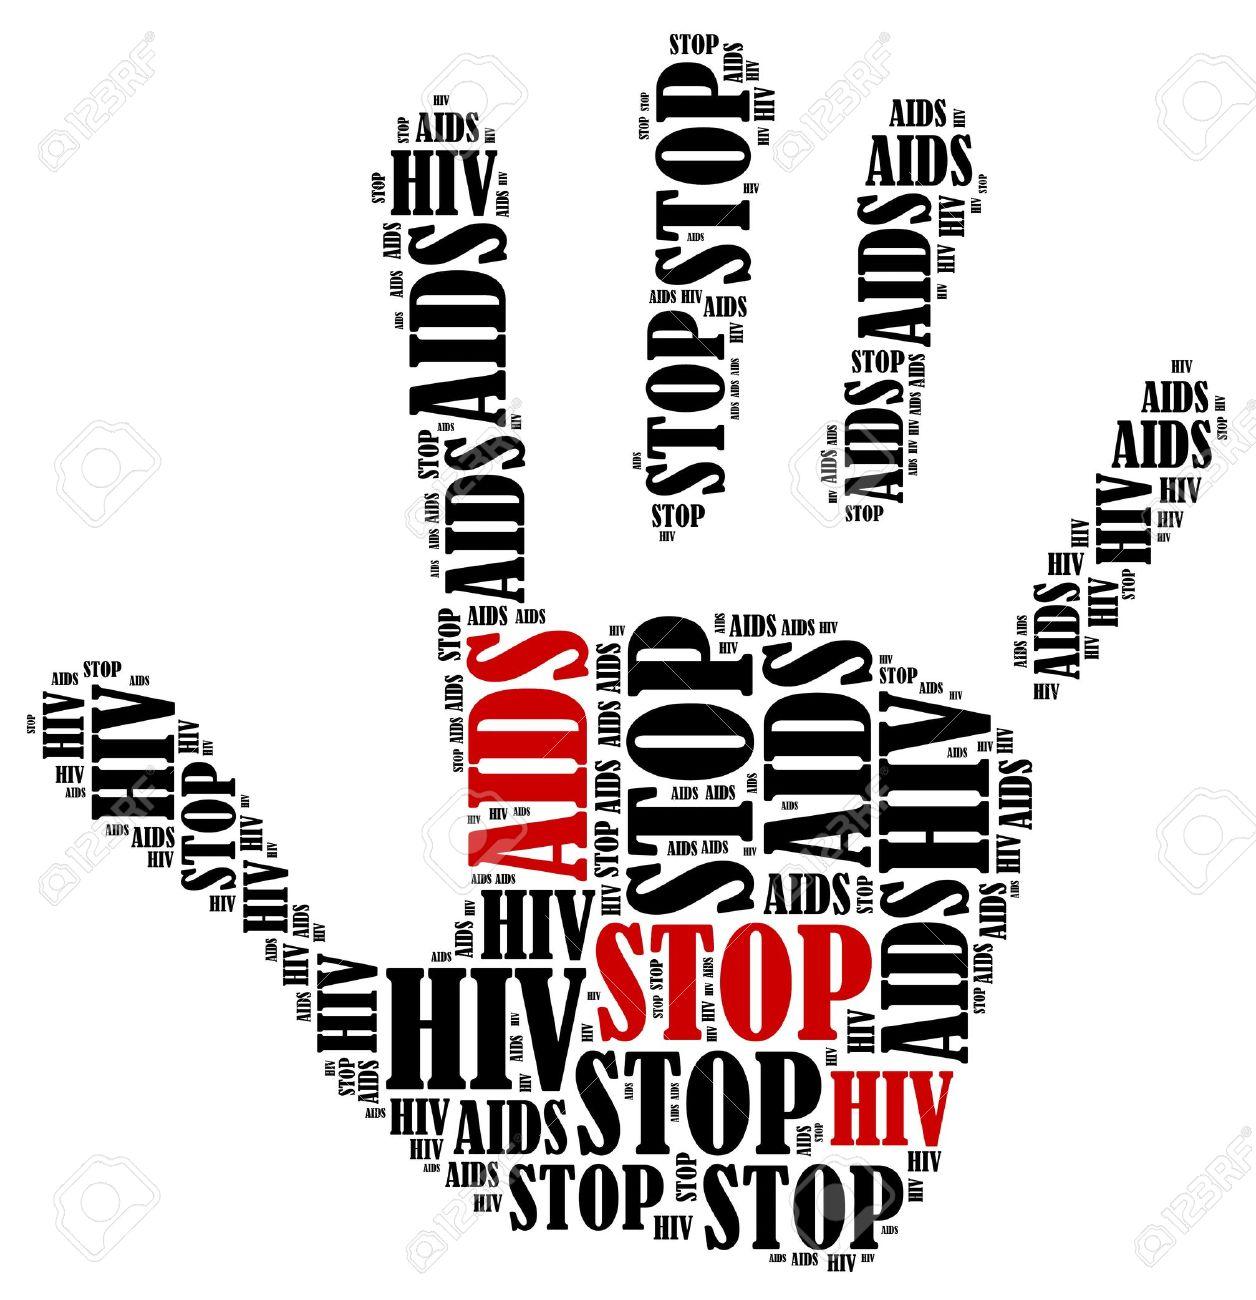 hiv adolescents and risky behaviors Original article  alcohol, drugs, and risky sexual behavior are related to hiv infection in female adolescents  álcool, drogas e comportamento sexual de risco estão relacionados à infecção por hiv em mulheres adolescentes.